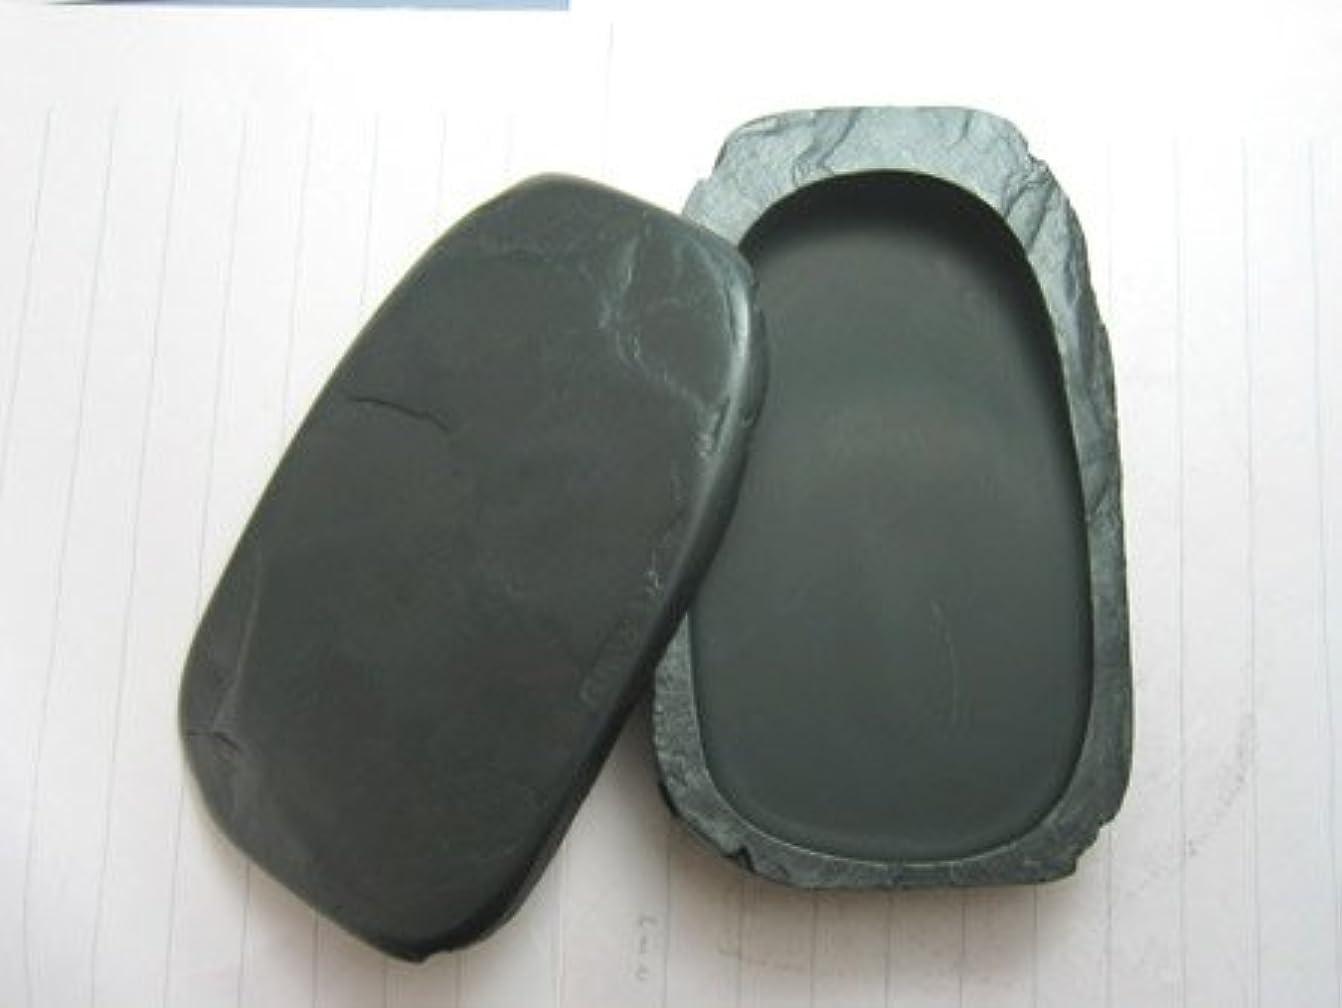 厳戻る有料硯 / 硯石 ふた付き 共蓋天然型 (五三寸) - 雄勝硯-